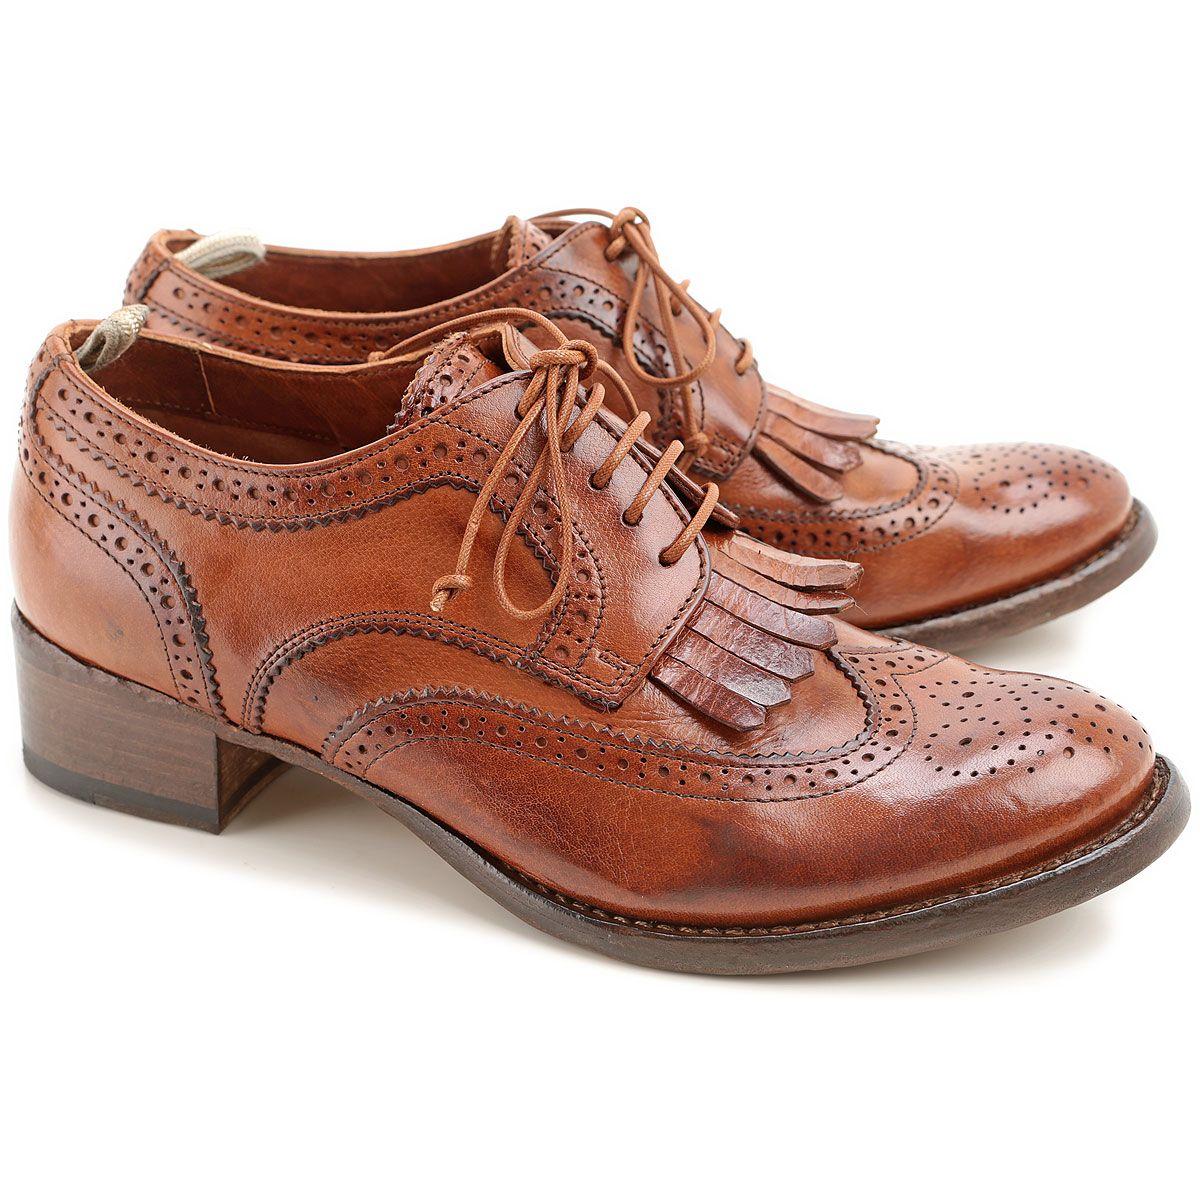 Ateliers Chaussures En Cuir À Lacets 4kpPq0V